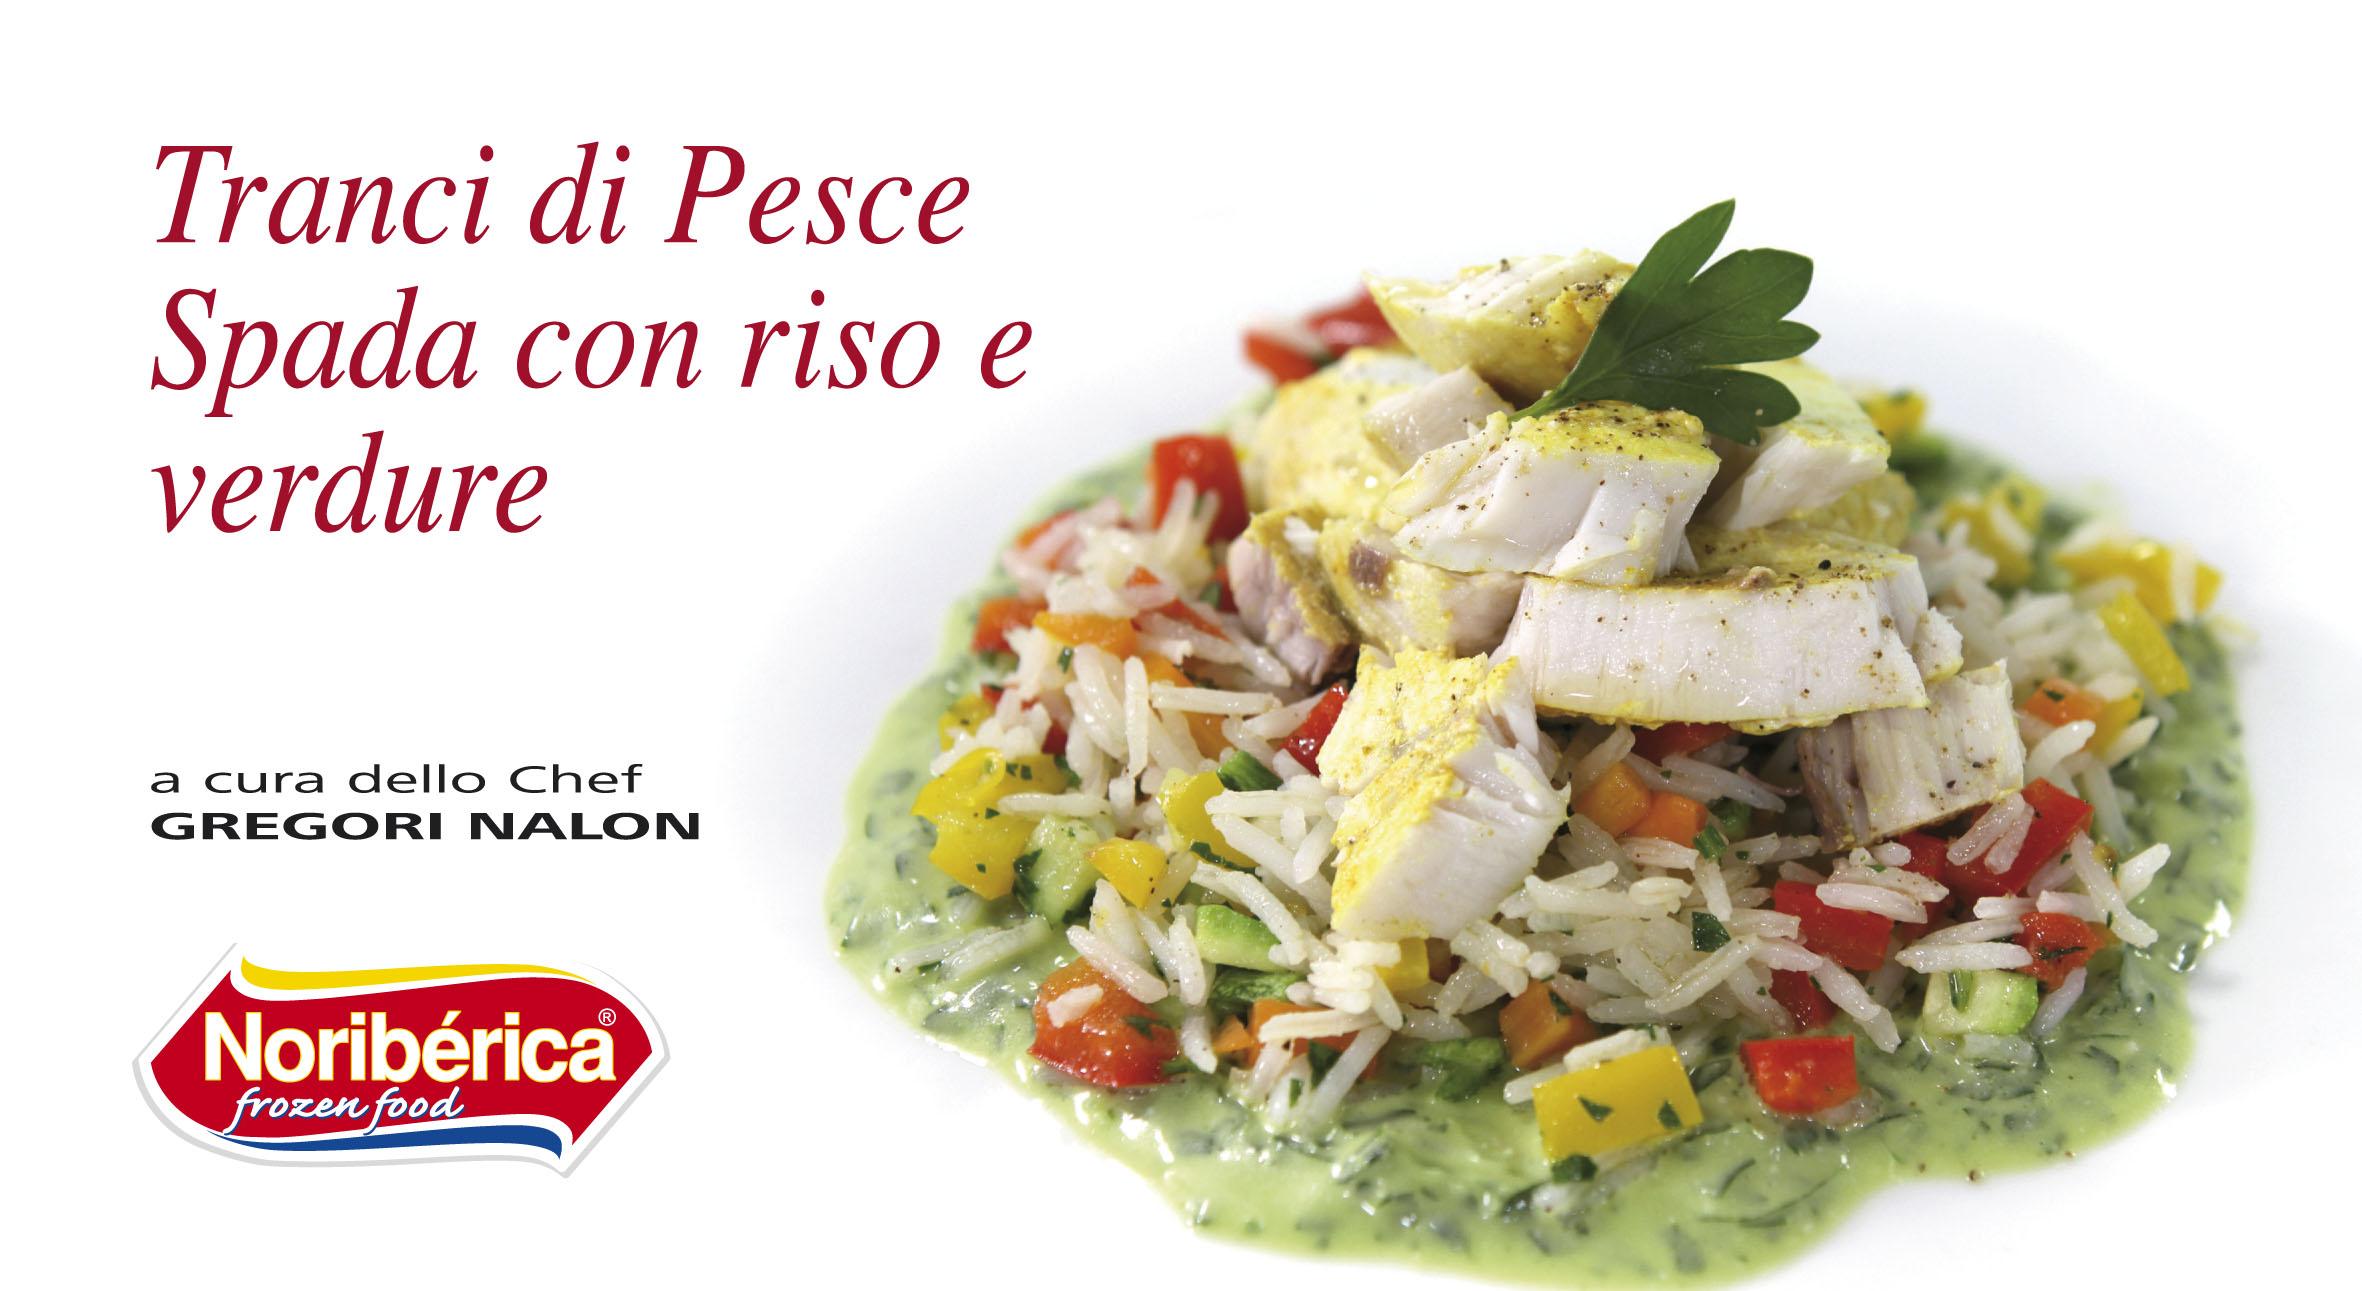 Tranci di pesce spada con riso e verdure